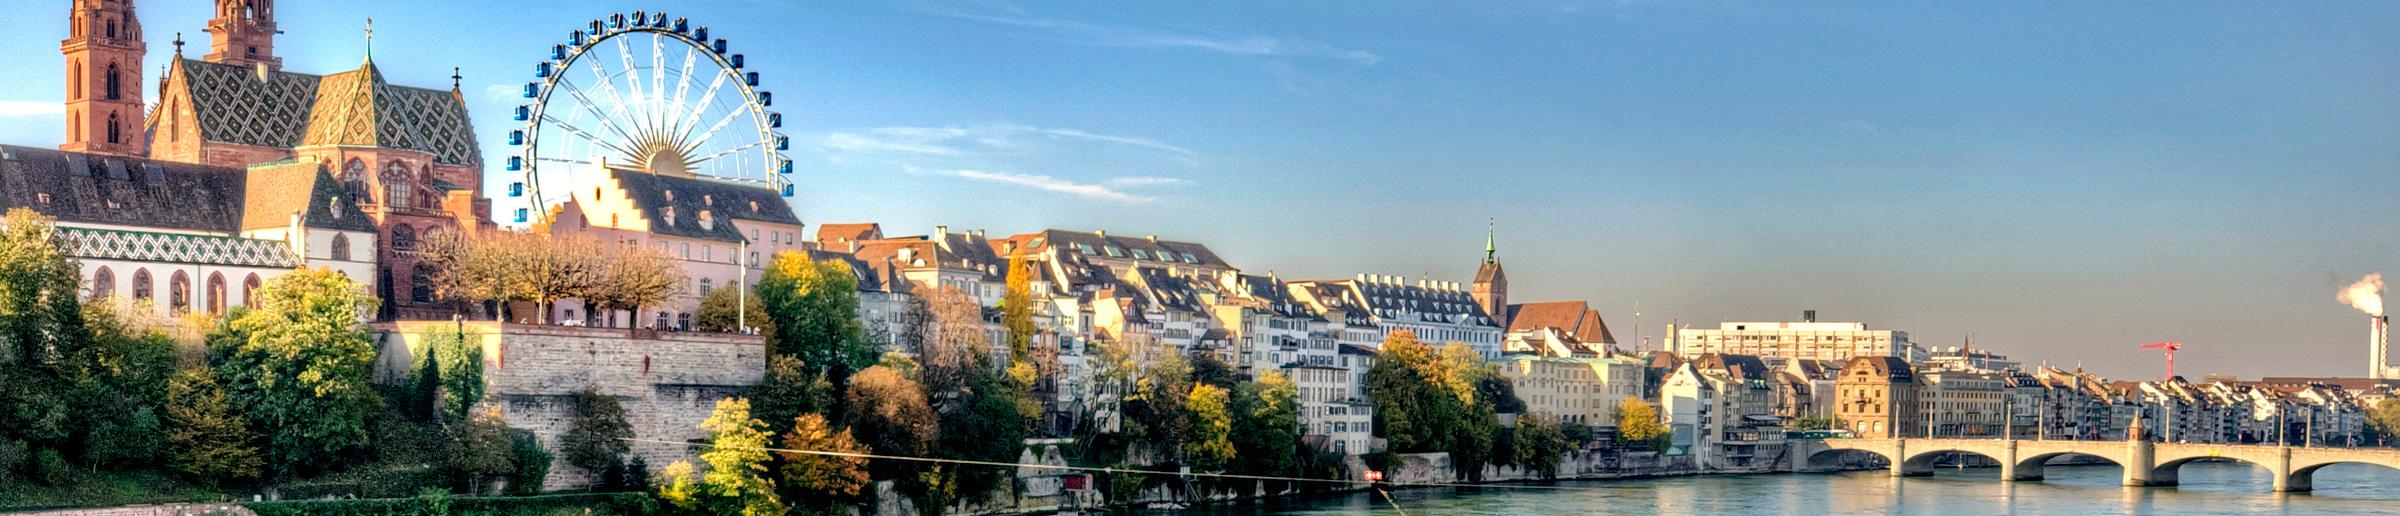 Expat Talk – Finding a job in Zurich, Switzerland | Travel ...